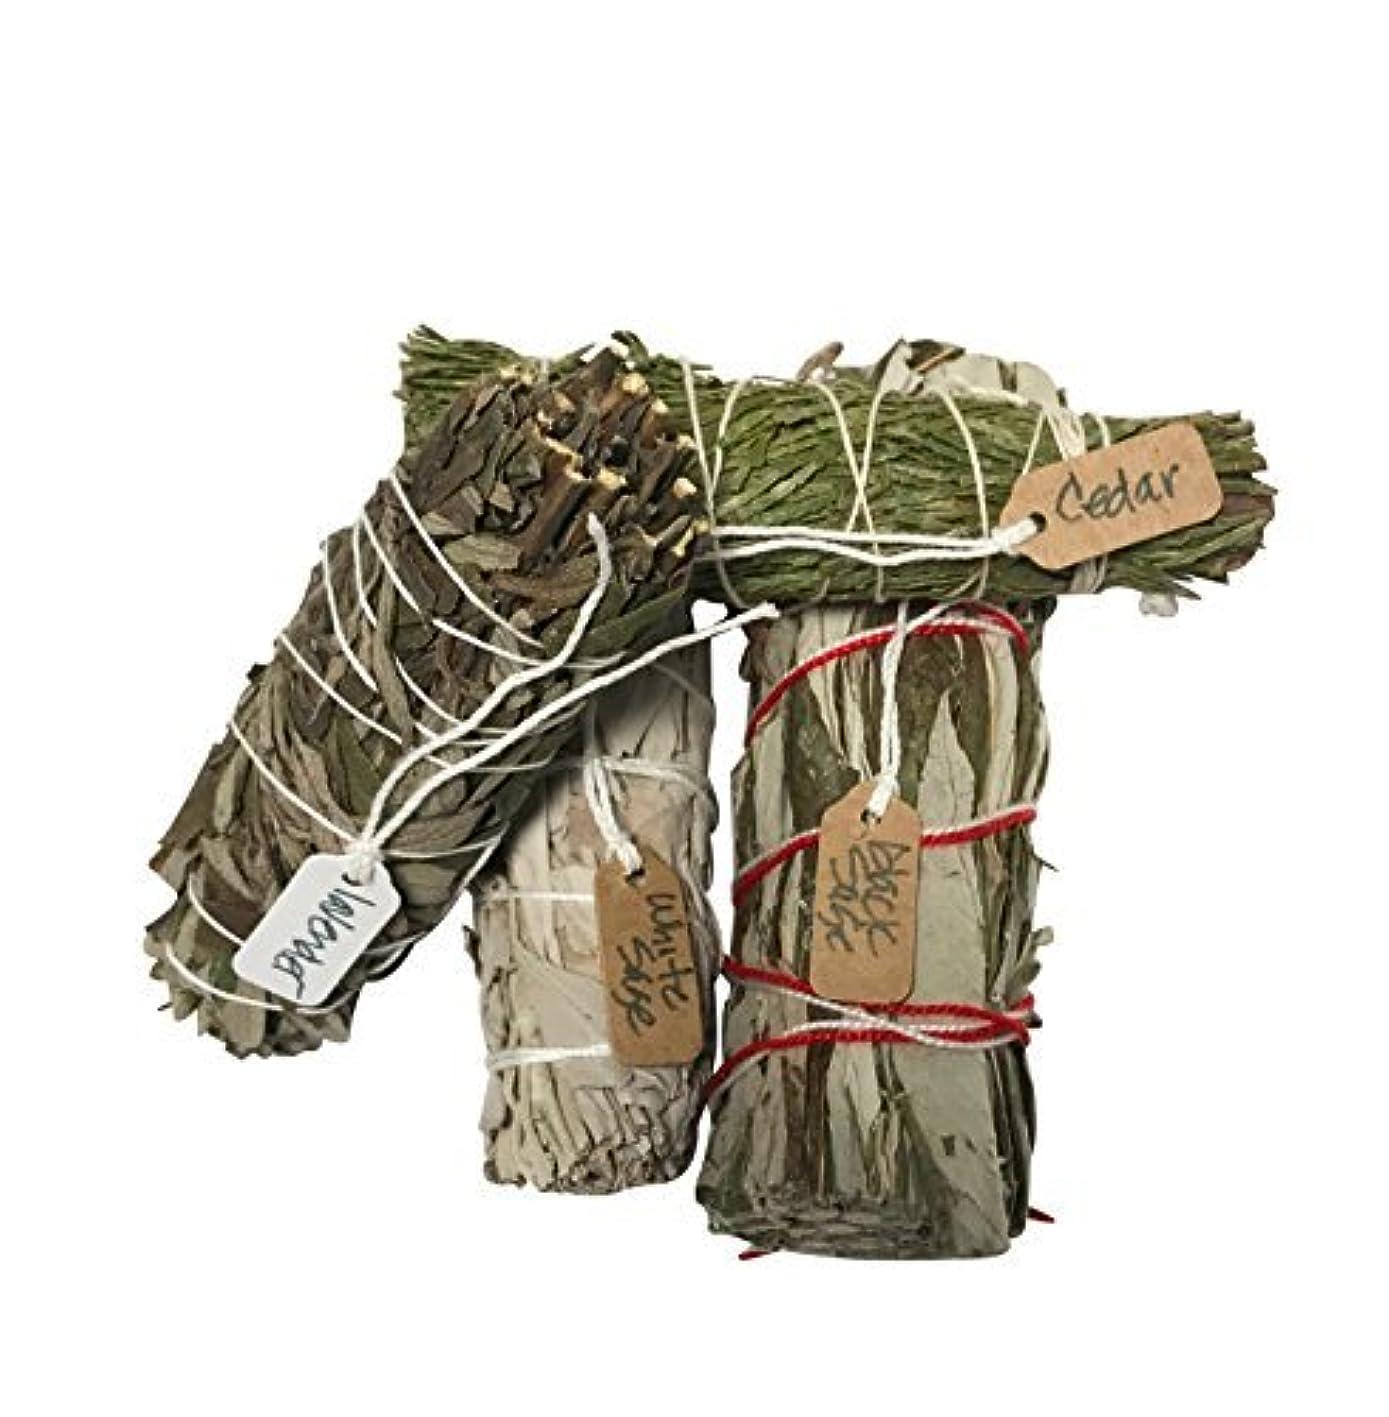 インタビュー分析するオーチャードさまざまなSmudge Sticksサンプル最高級のための機会ホワイトセージ、ラベンダー、杉、ブラックセージ1つの各4 Inches Long。